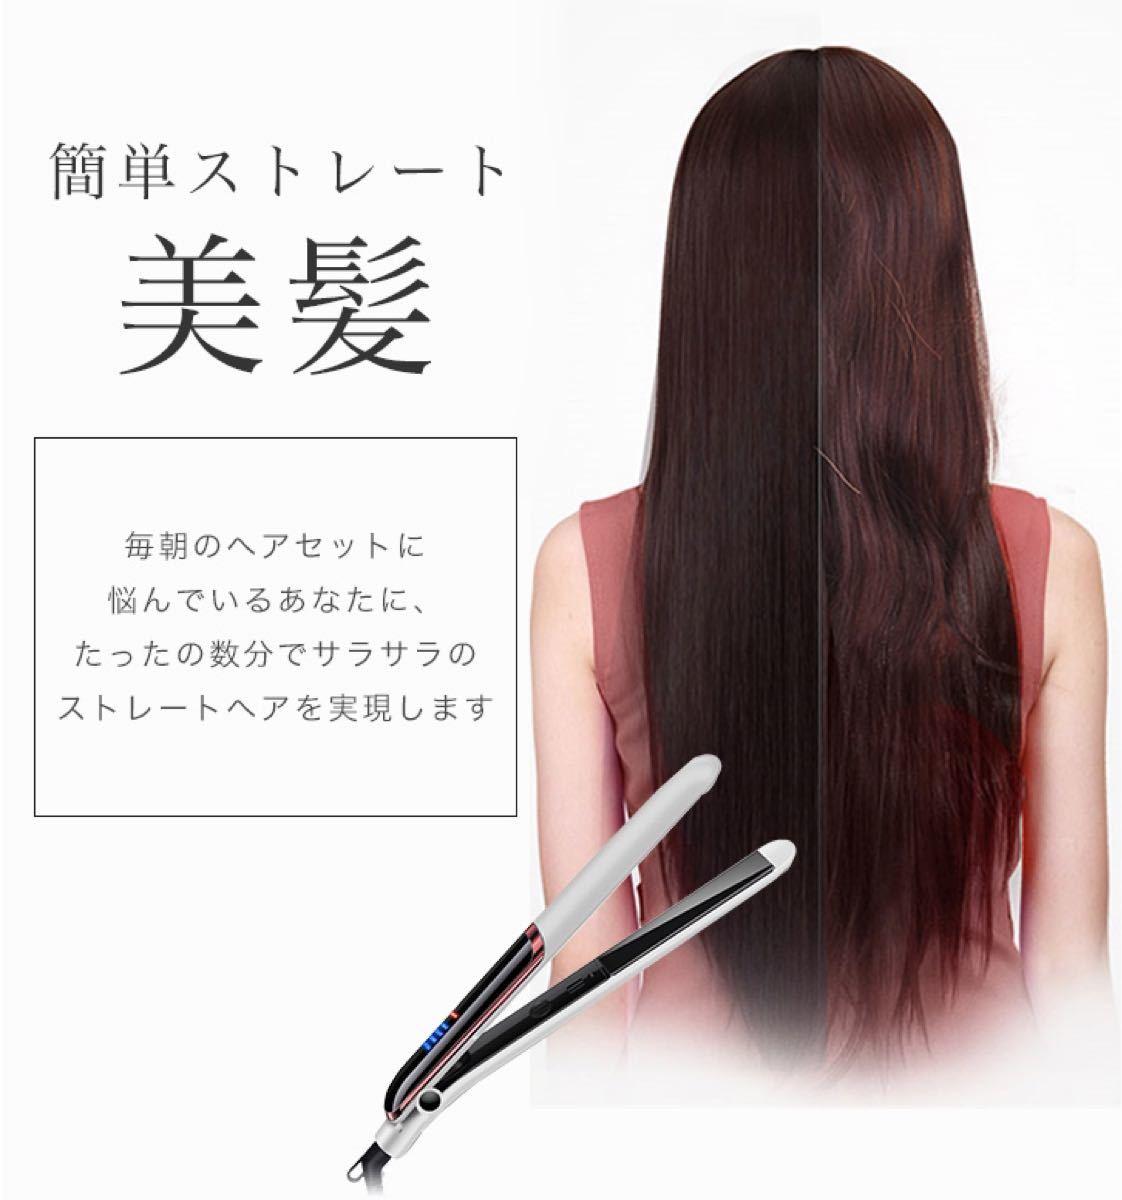 【ヘアストレートアイロン】最大200度 ヘアアイロン サラサラ 美髪  ストレートアイロン